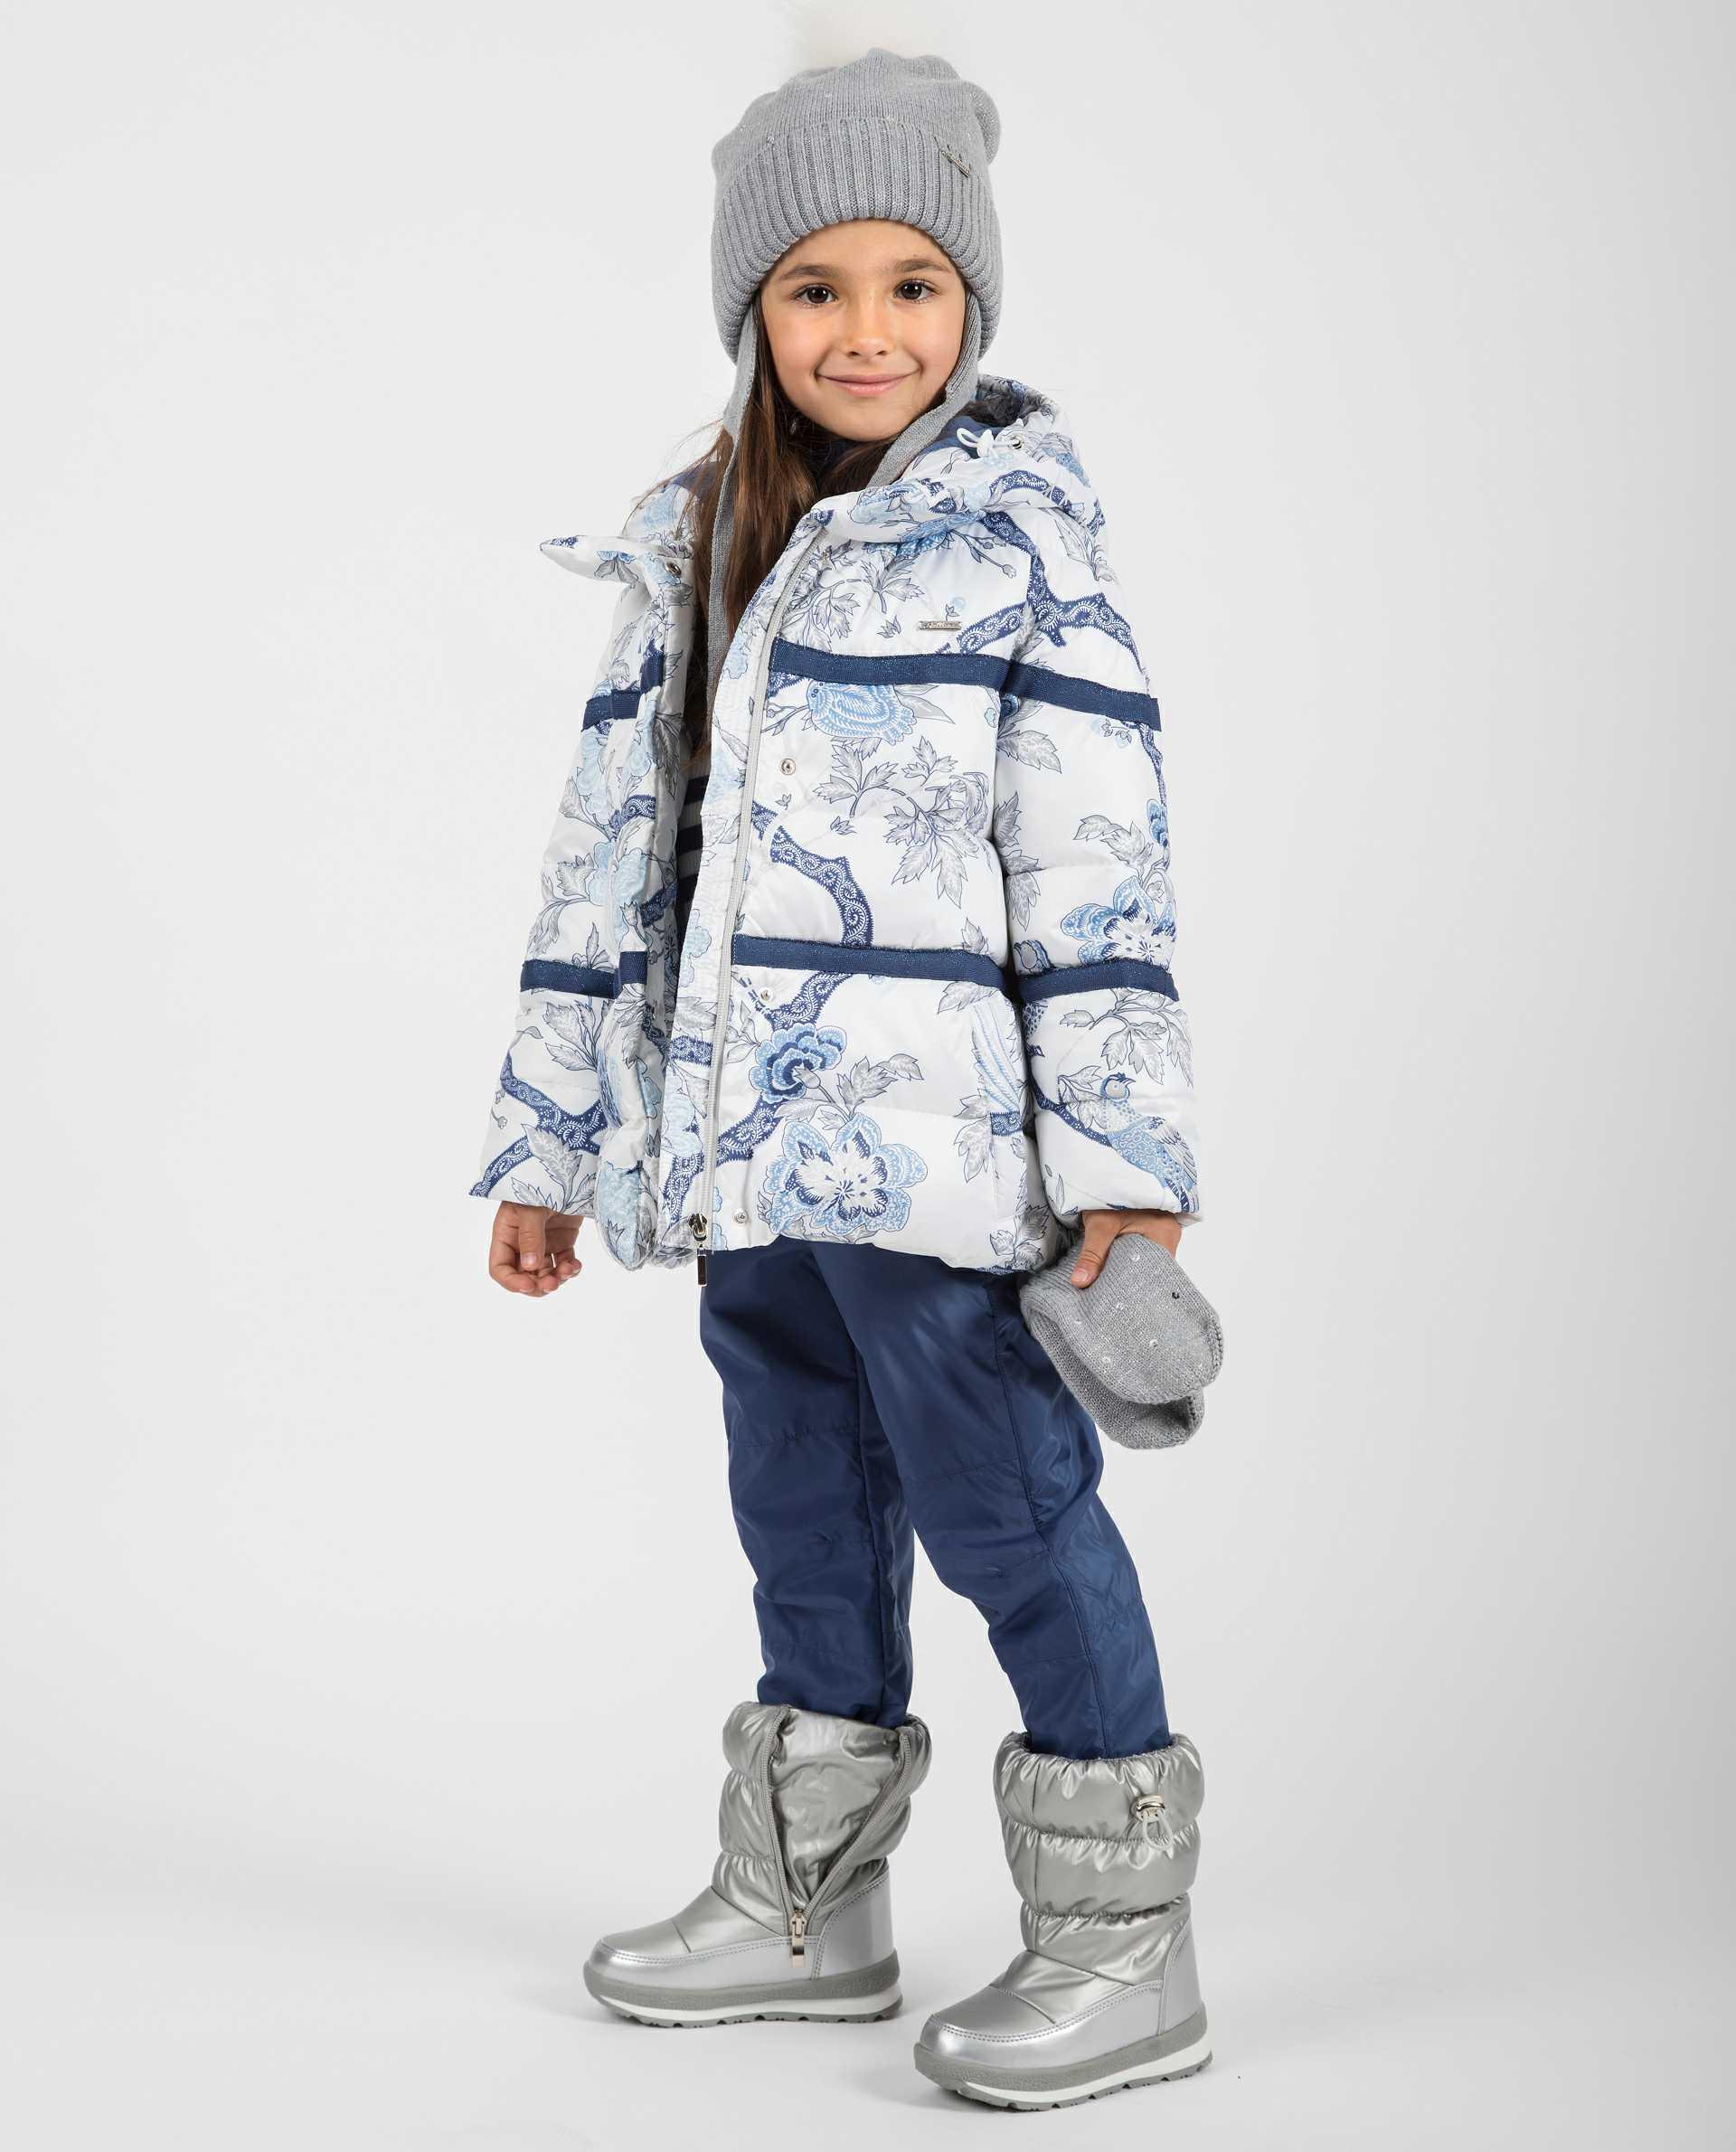 Gulliver专业生产国际童装